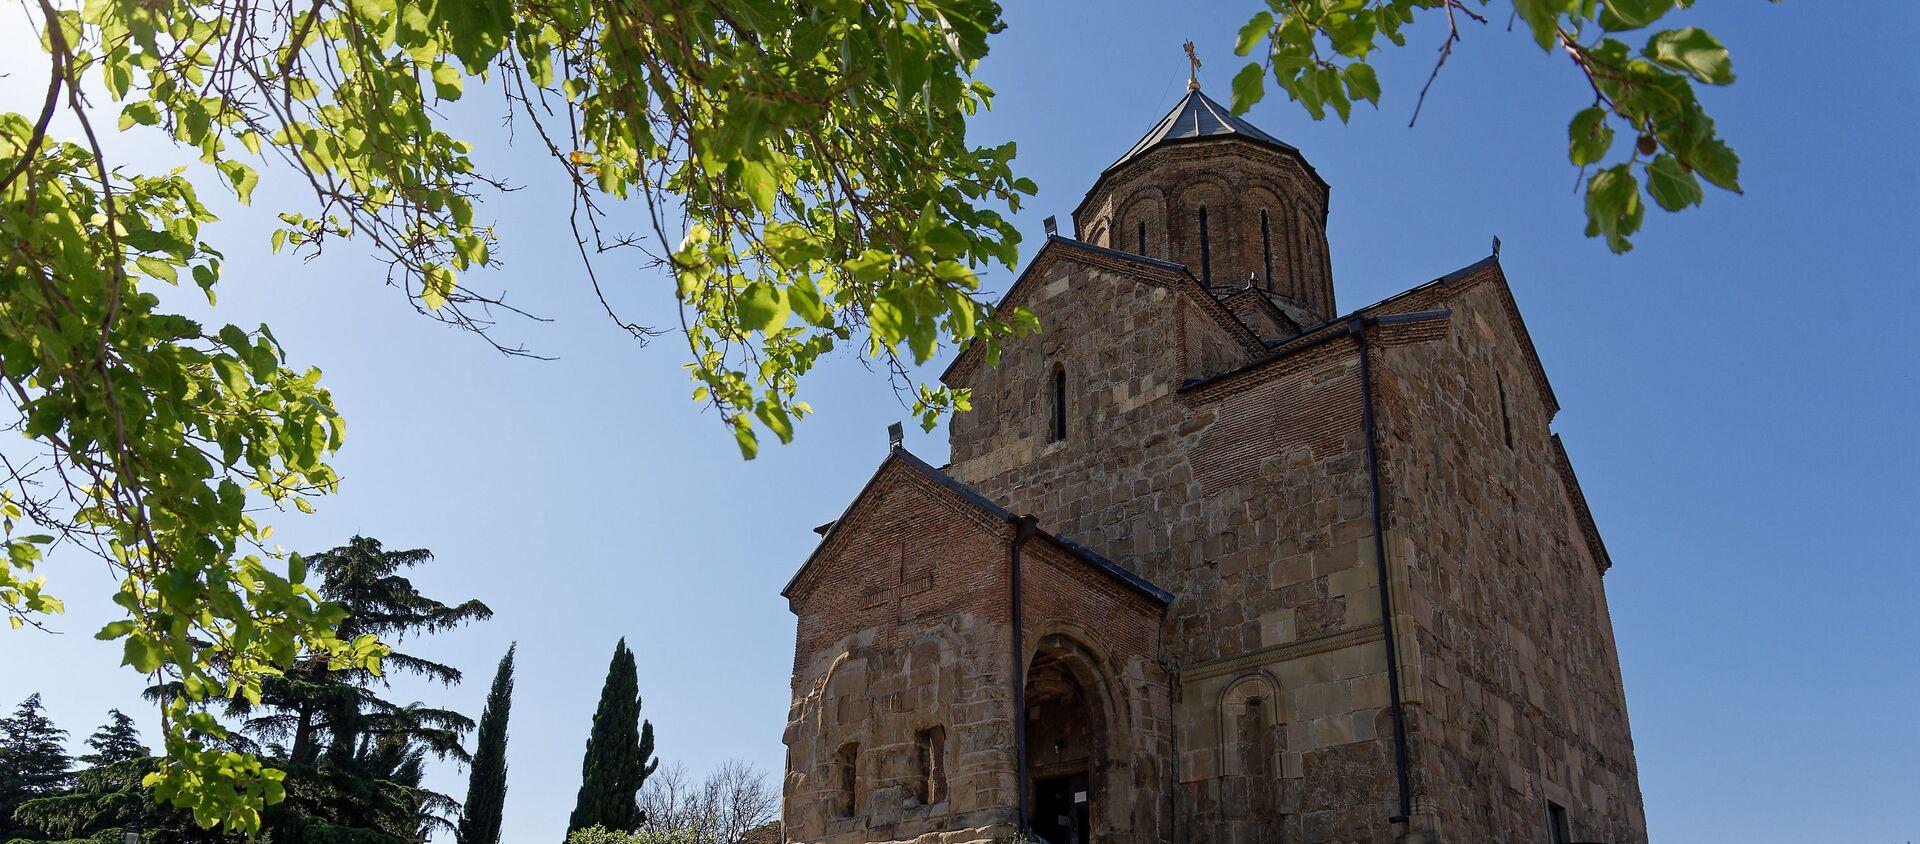 Метехская церковь - Sputnik Грузия, 1920, 02.06.2021